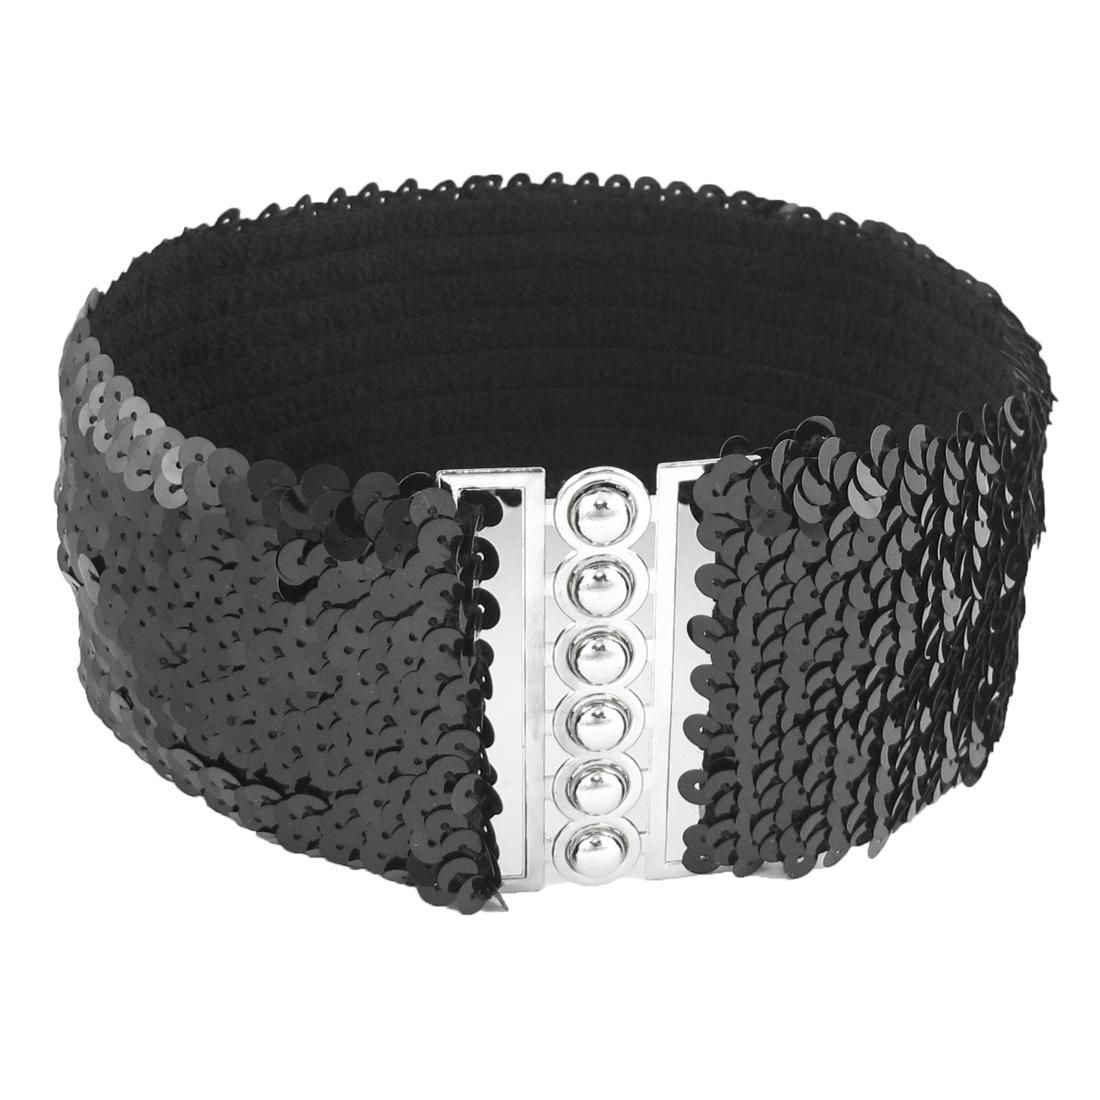 Ladies Interlock Buckle Black Sequin Accent Elastic Cinch Waist Belt